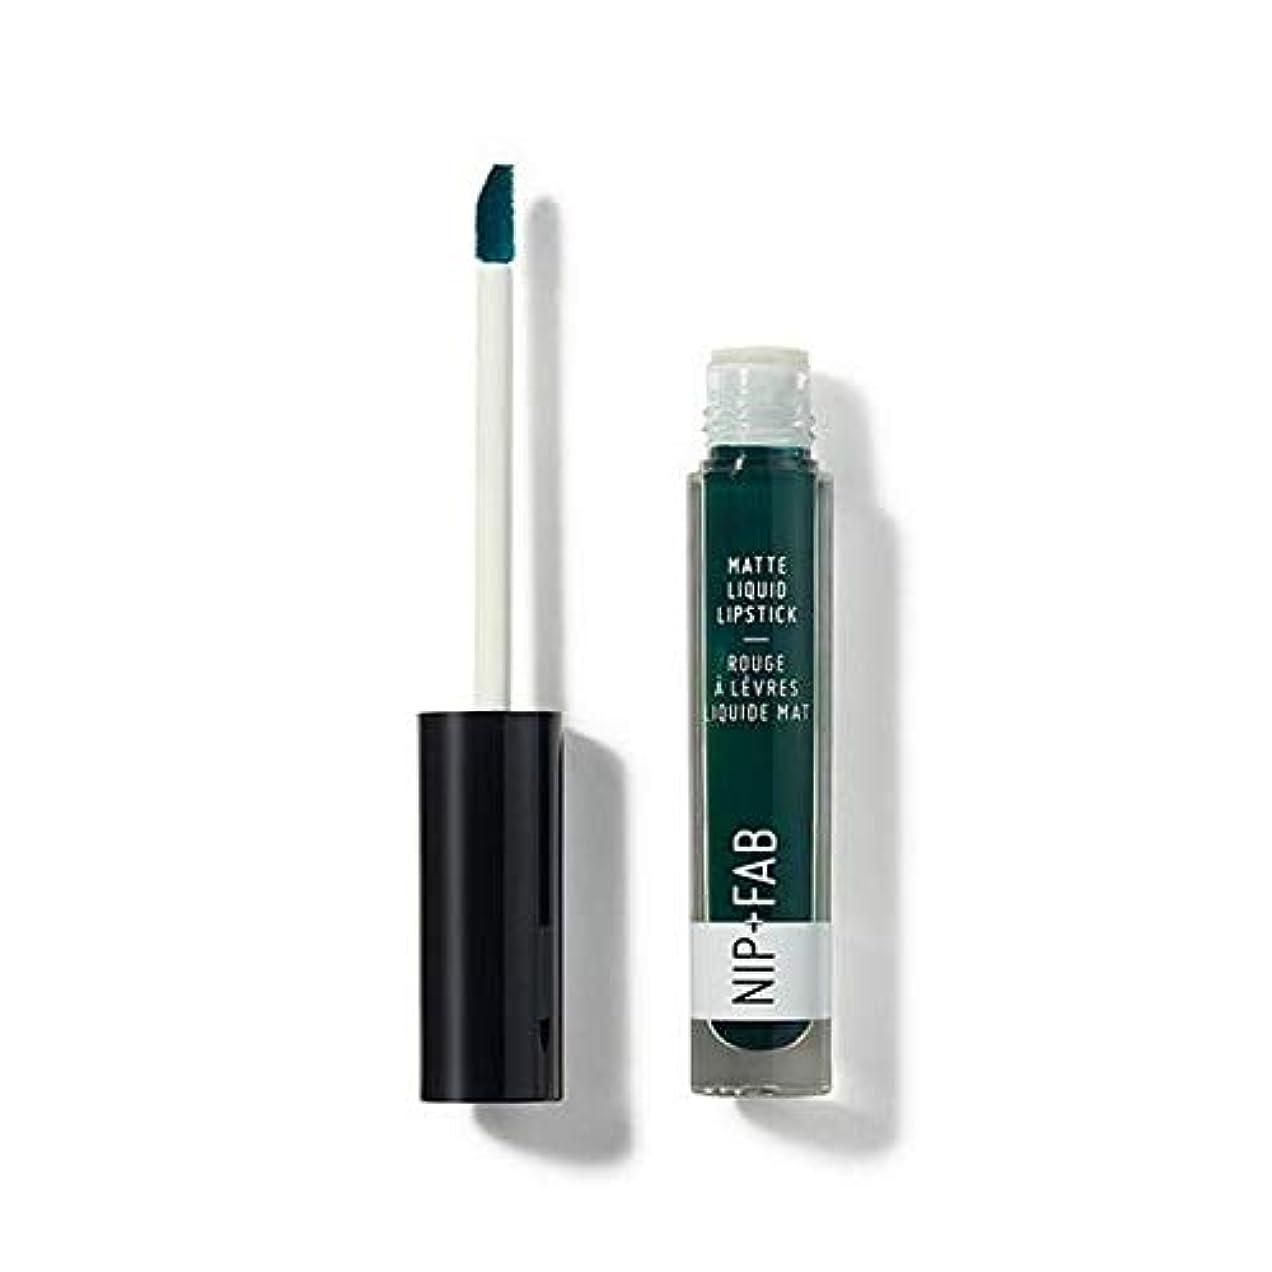 良さバスト意志[Nip & Fab ] + Fabマット液状口紅クールミント65ニップ - Nip+Fab Matte Liquid Lipstick Cool Mint 65 [並行輸入品]